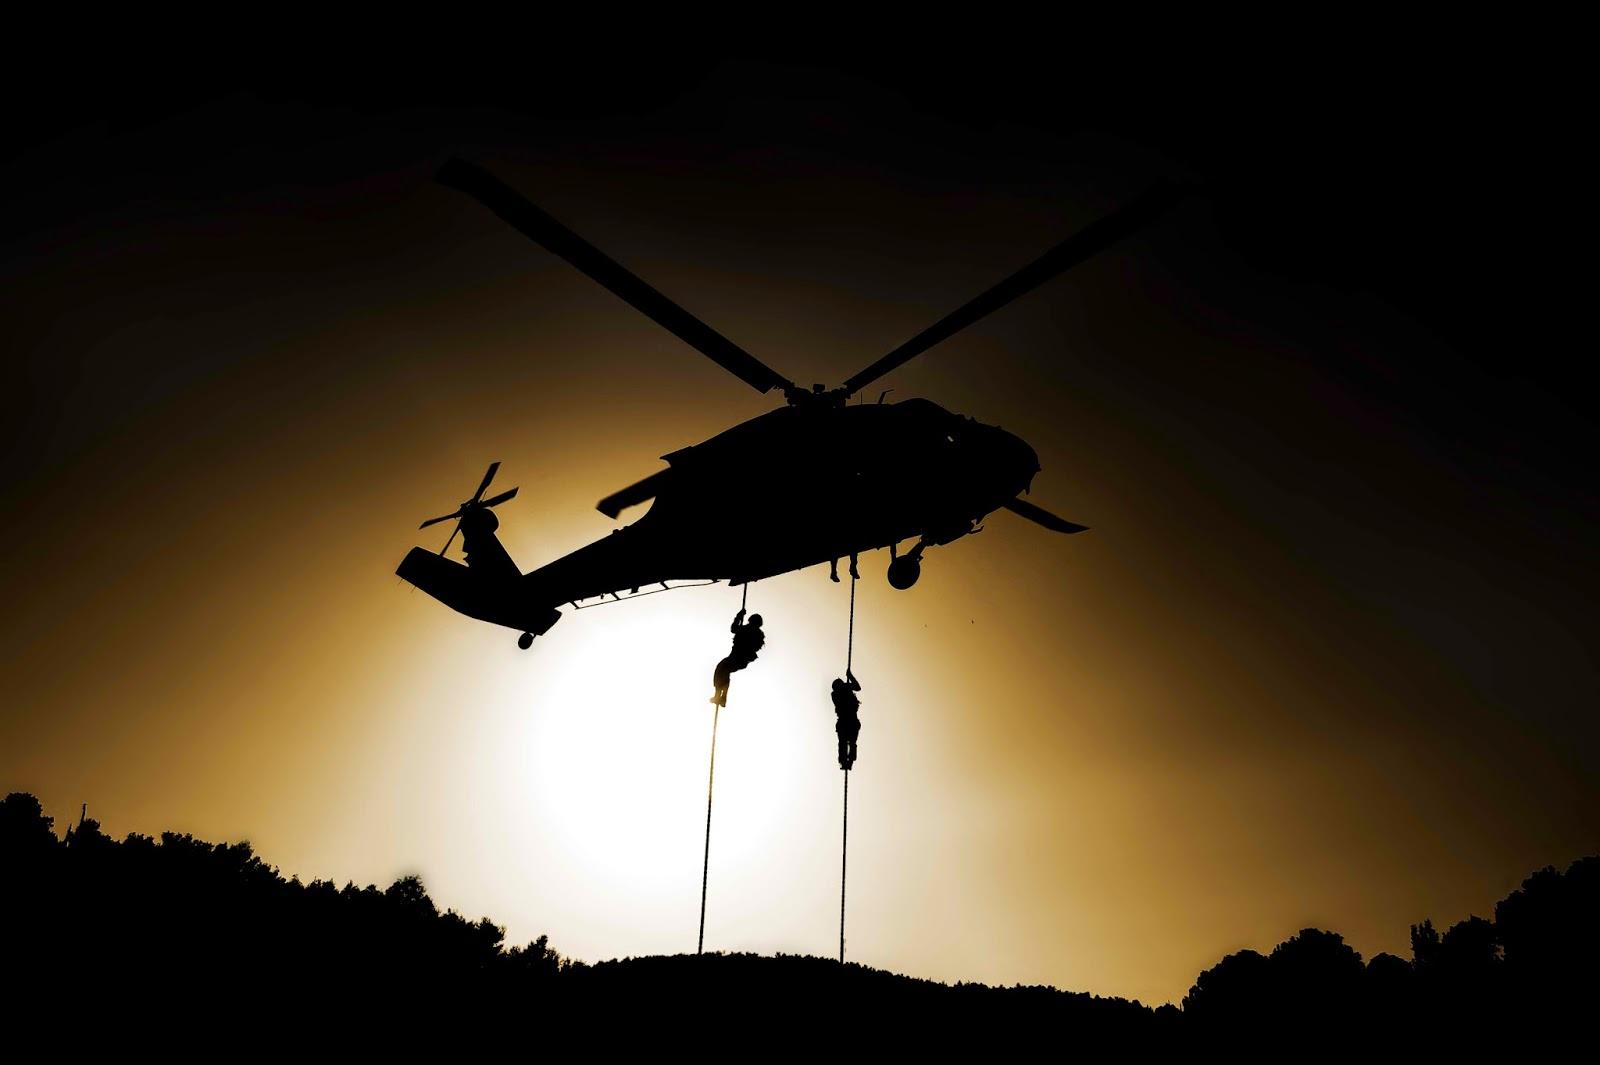 la-proxima-guerra-reino-unido-y-eeuu-preparan-unidad-de-elite-combatir-estado-islamico-task-force-black